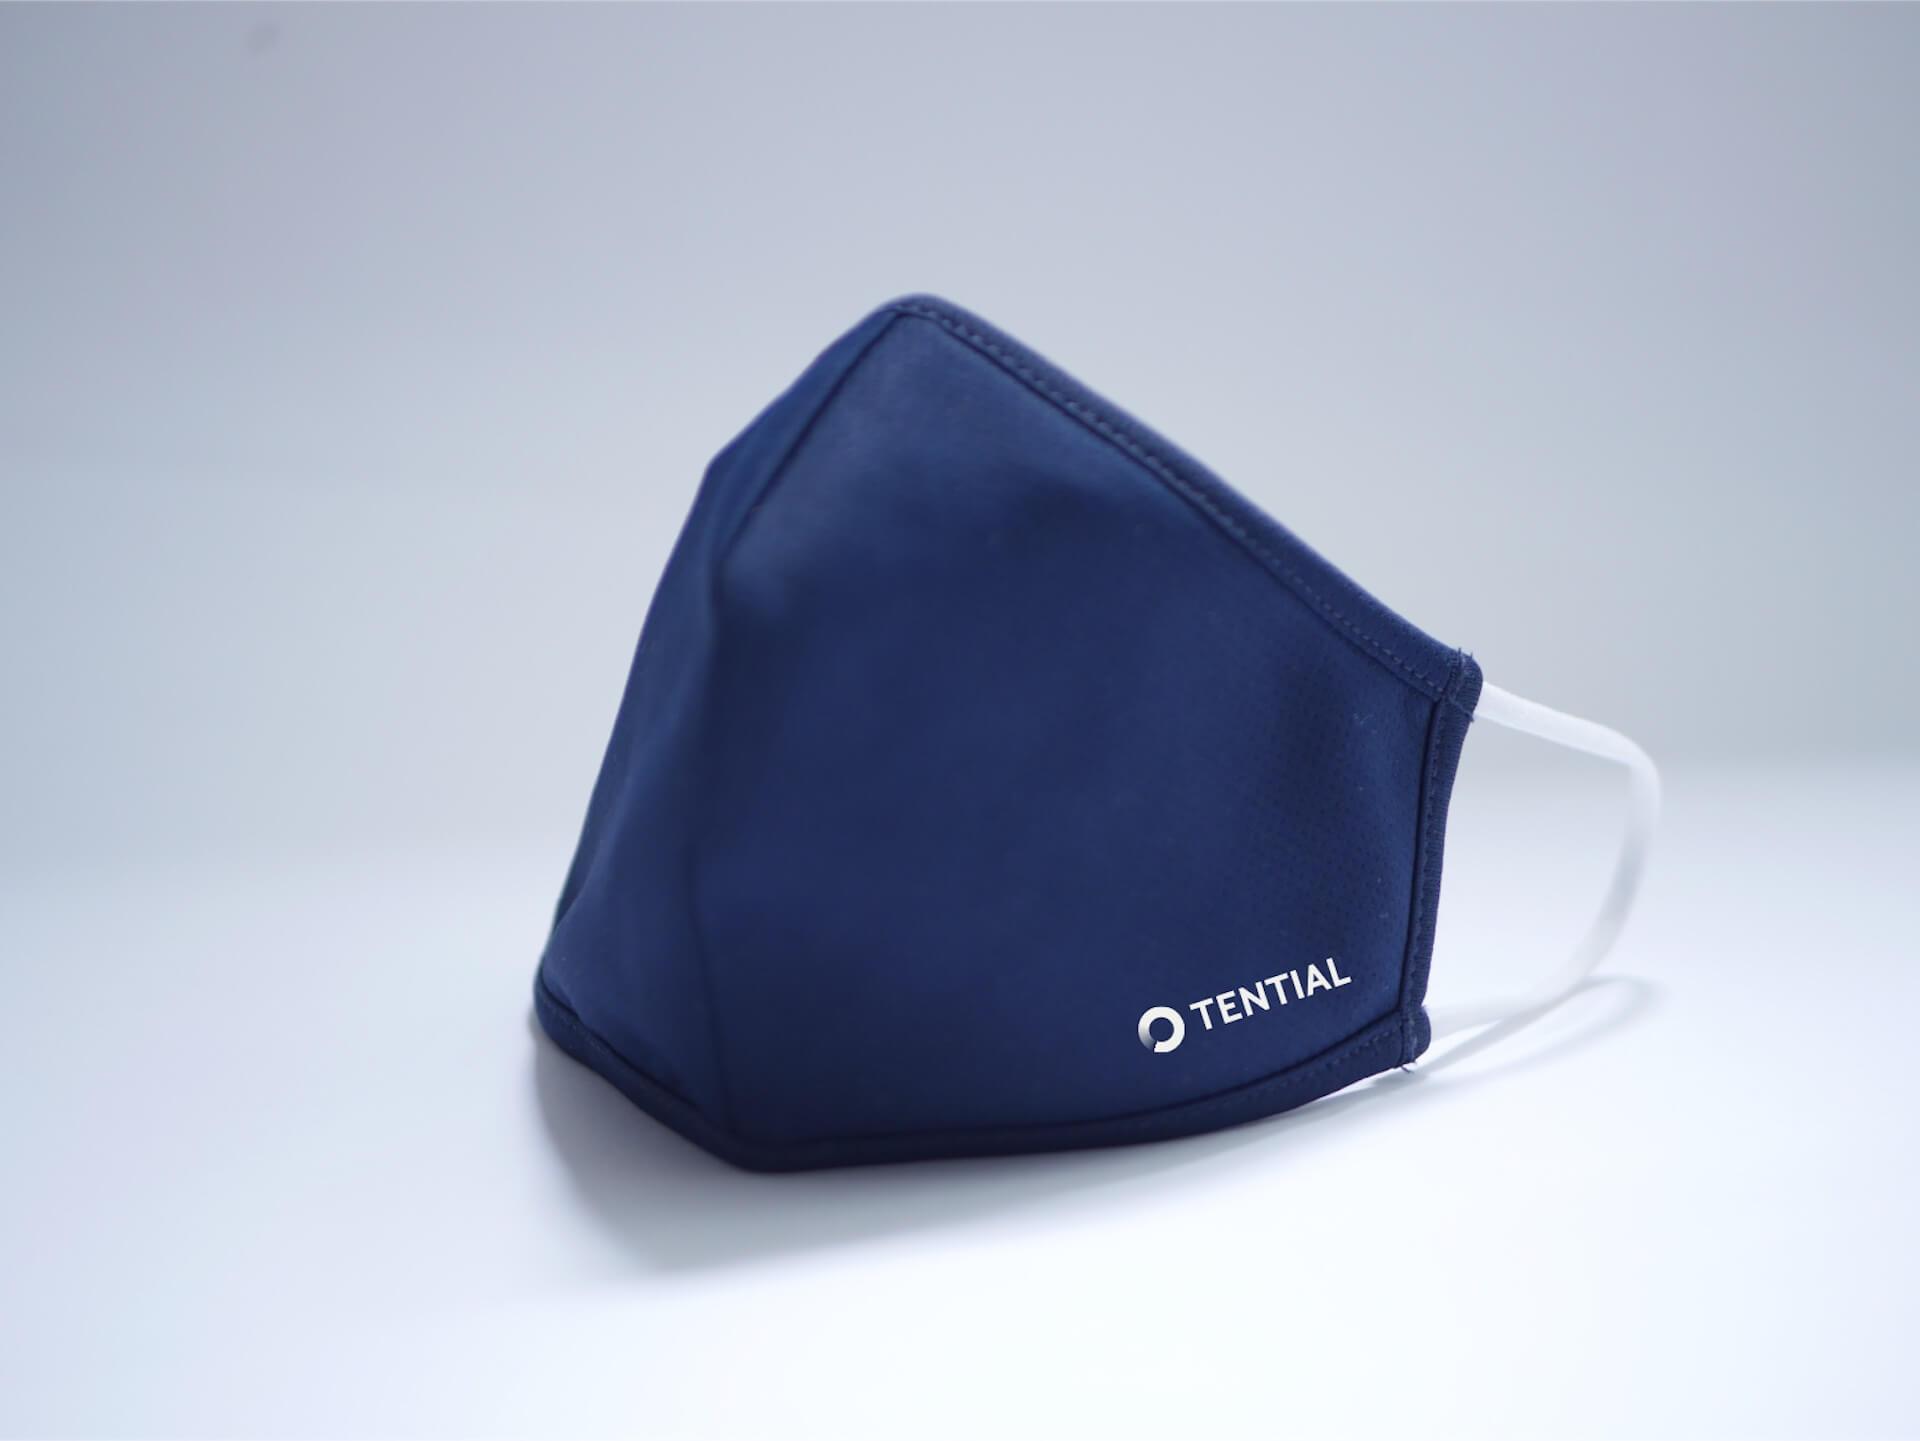 通気性、吸水速乾性に優れた『TENTIAL MASK』が数量限定で予約販売中!スポーツウェアの素材を使用 lf200625_tential_mask_01